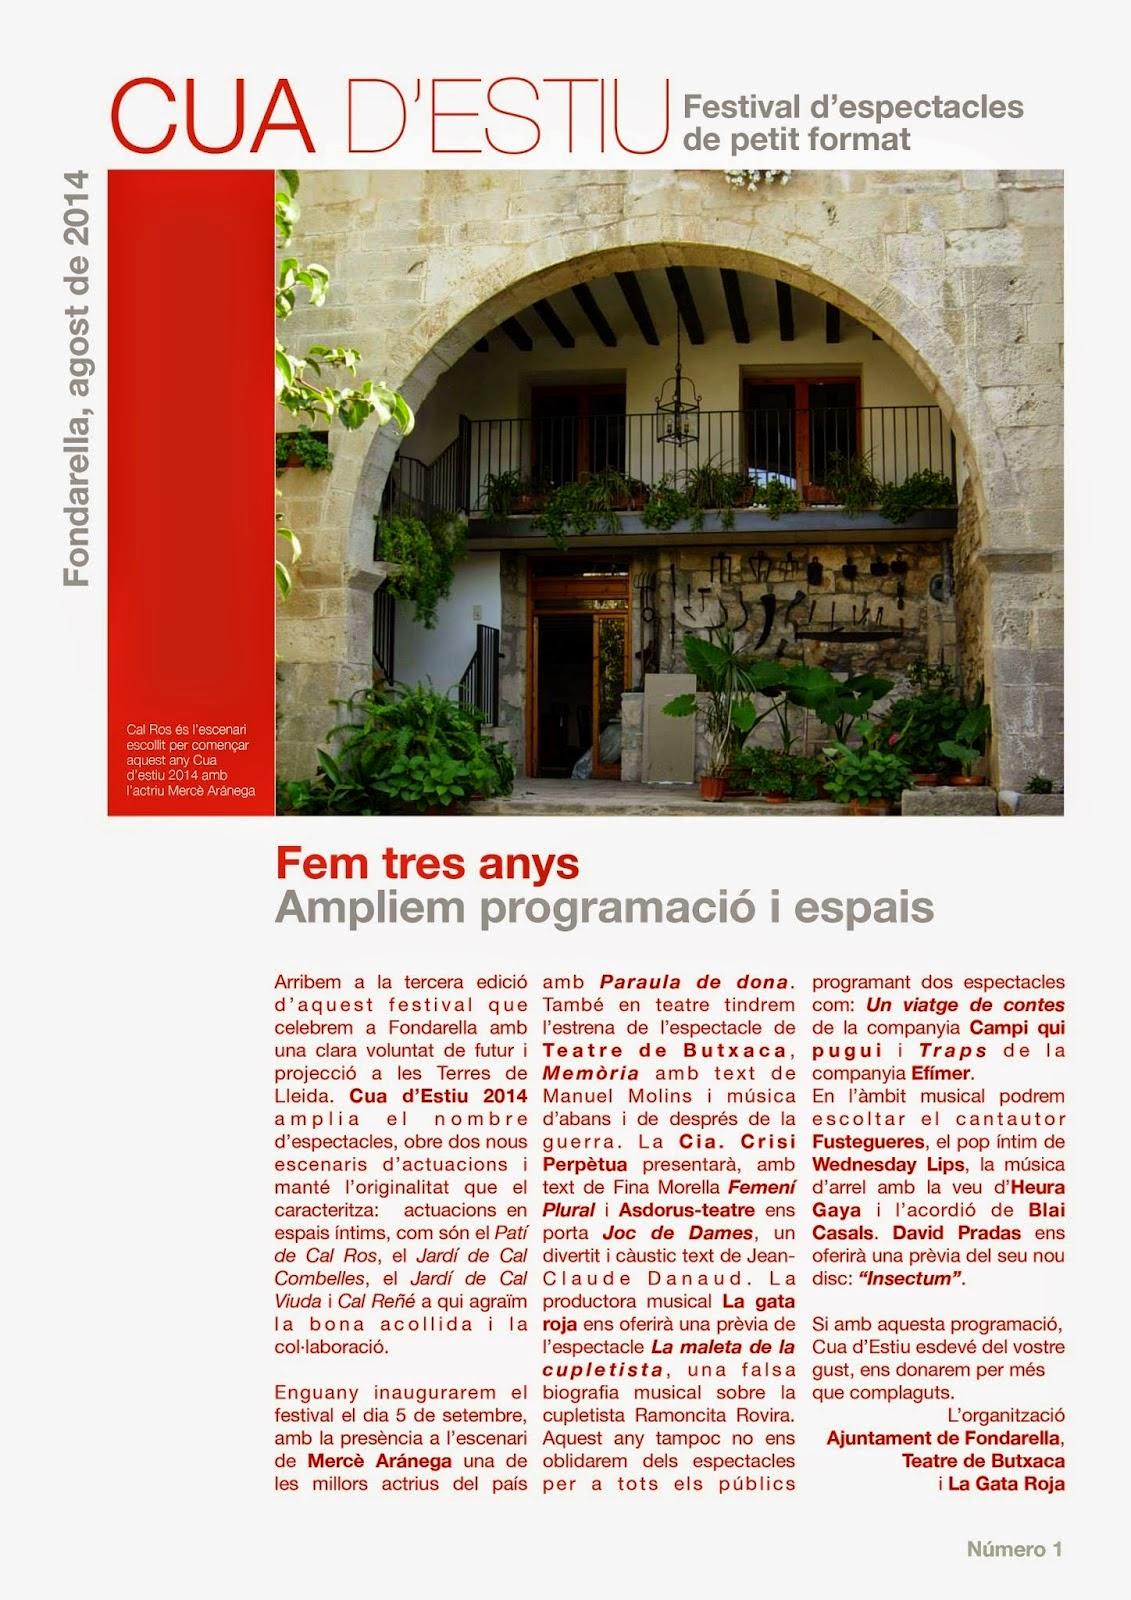 http://cuadestiu.blogspot.com.es/